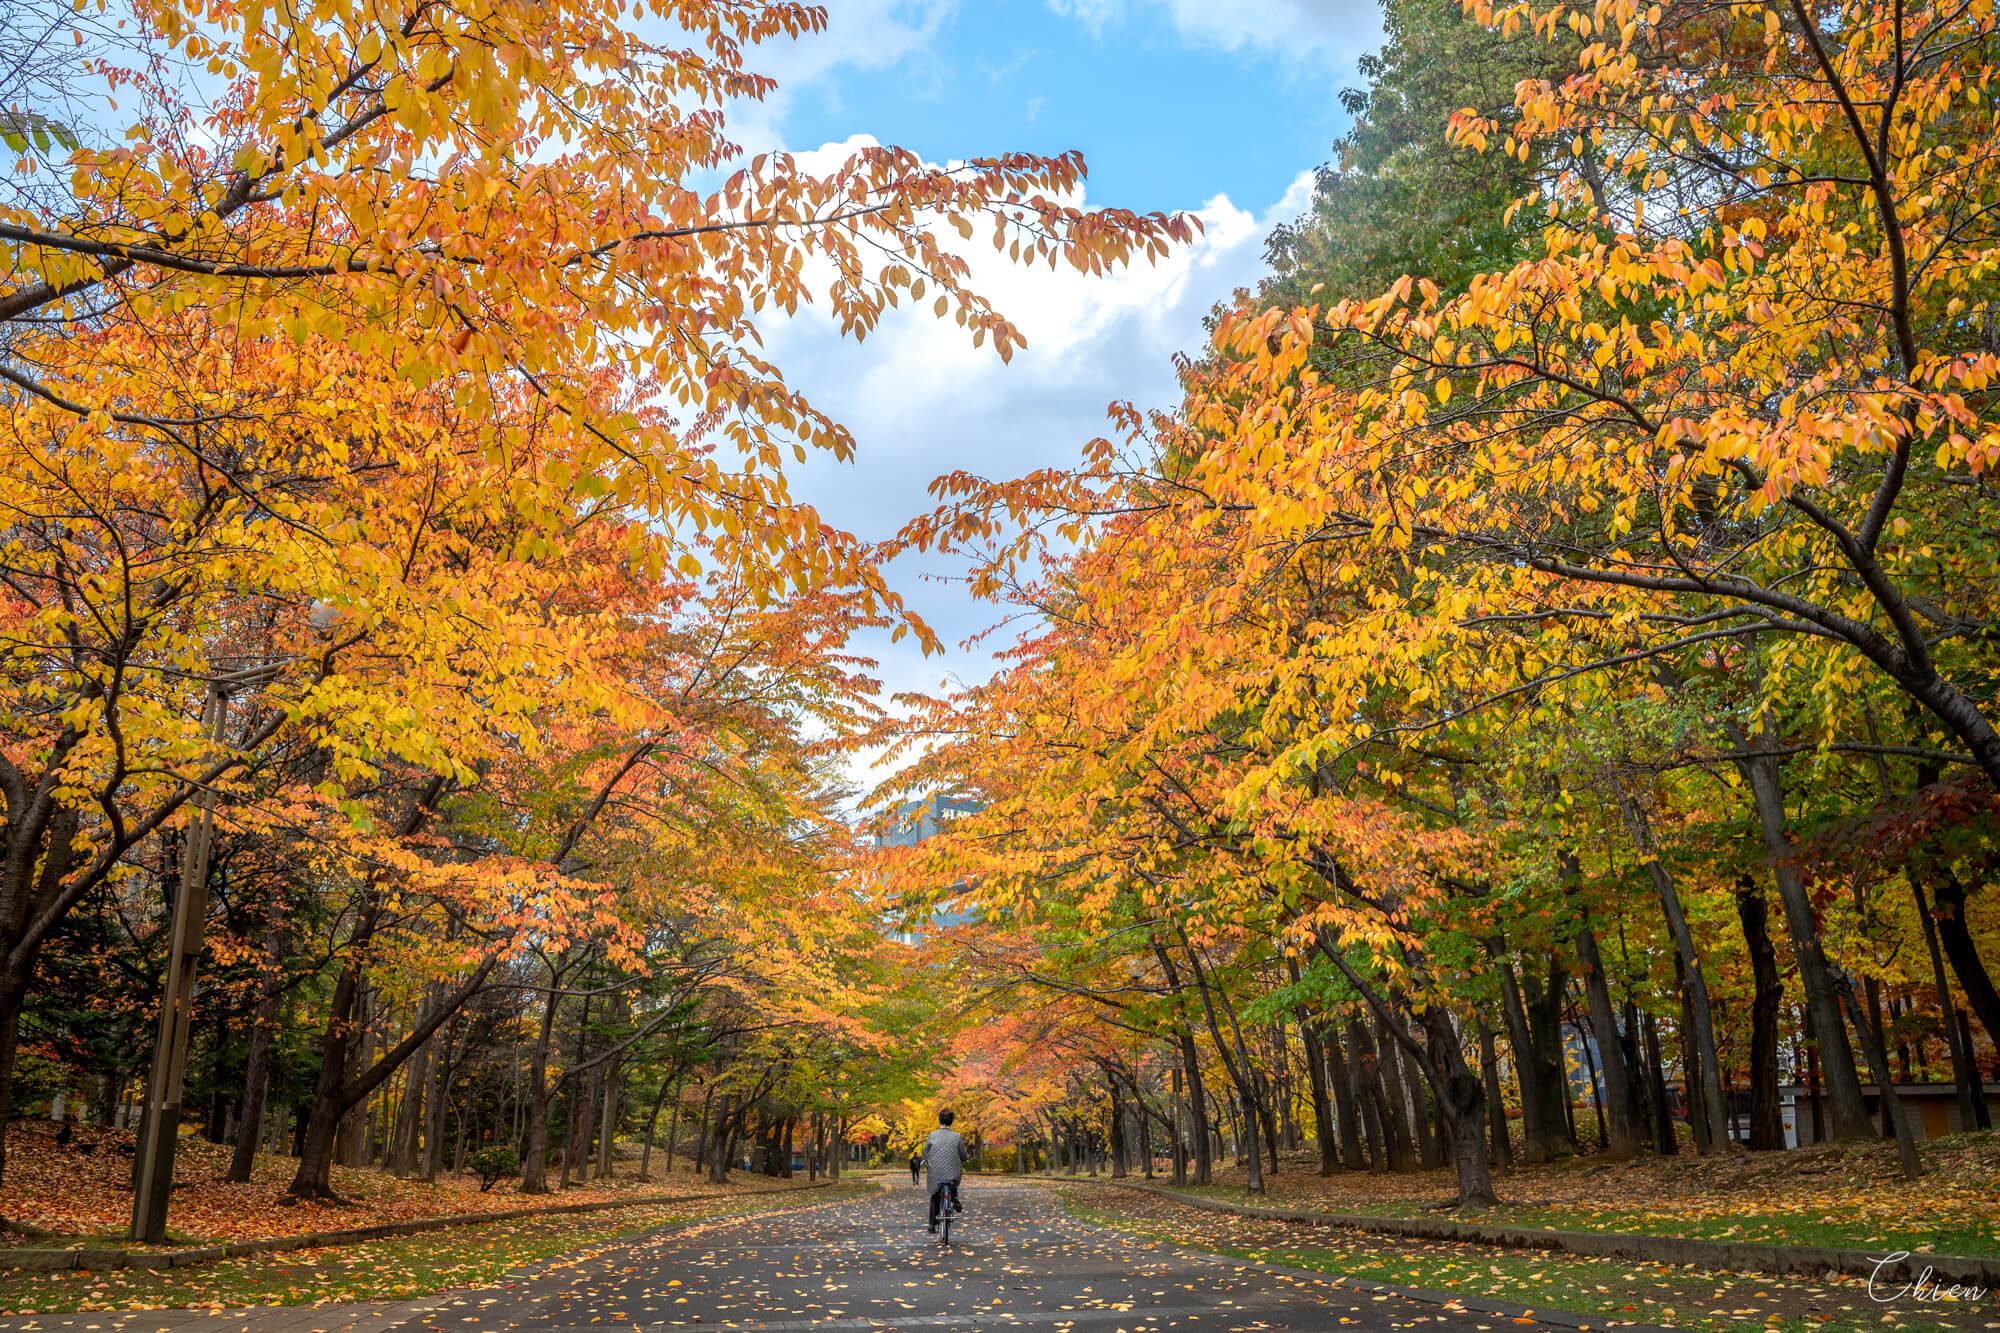 北海道 中島公園賞楓賞銀杏 賞櫻花